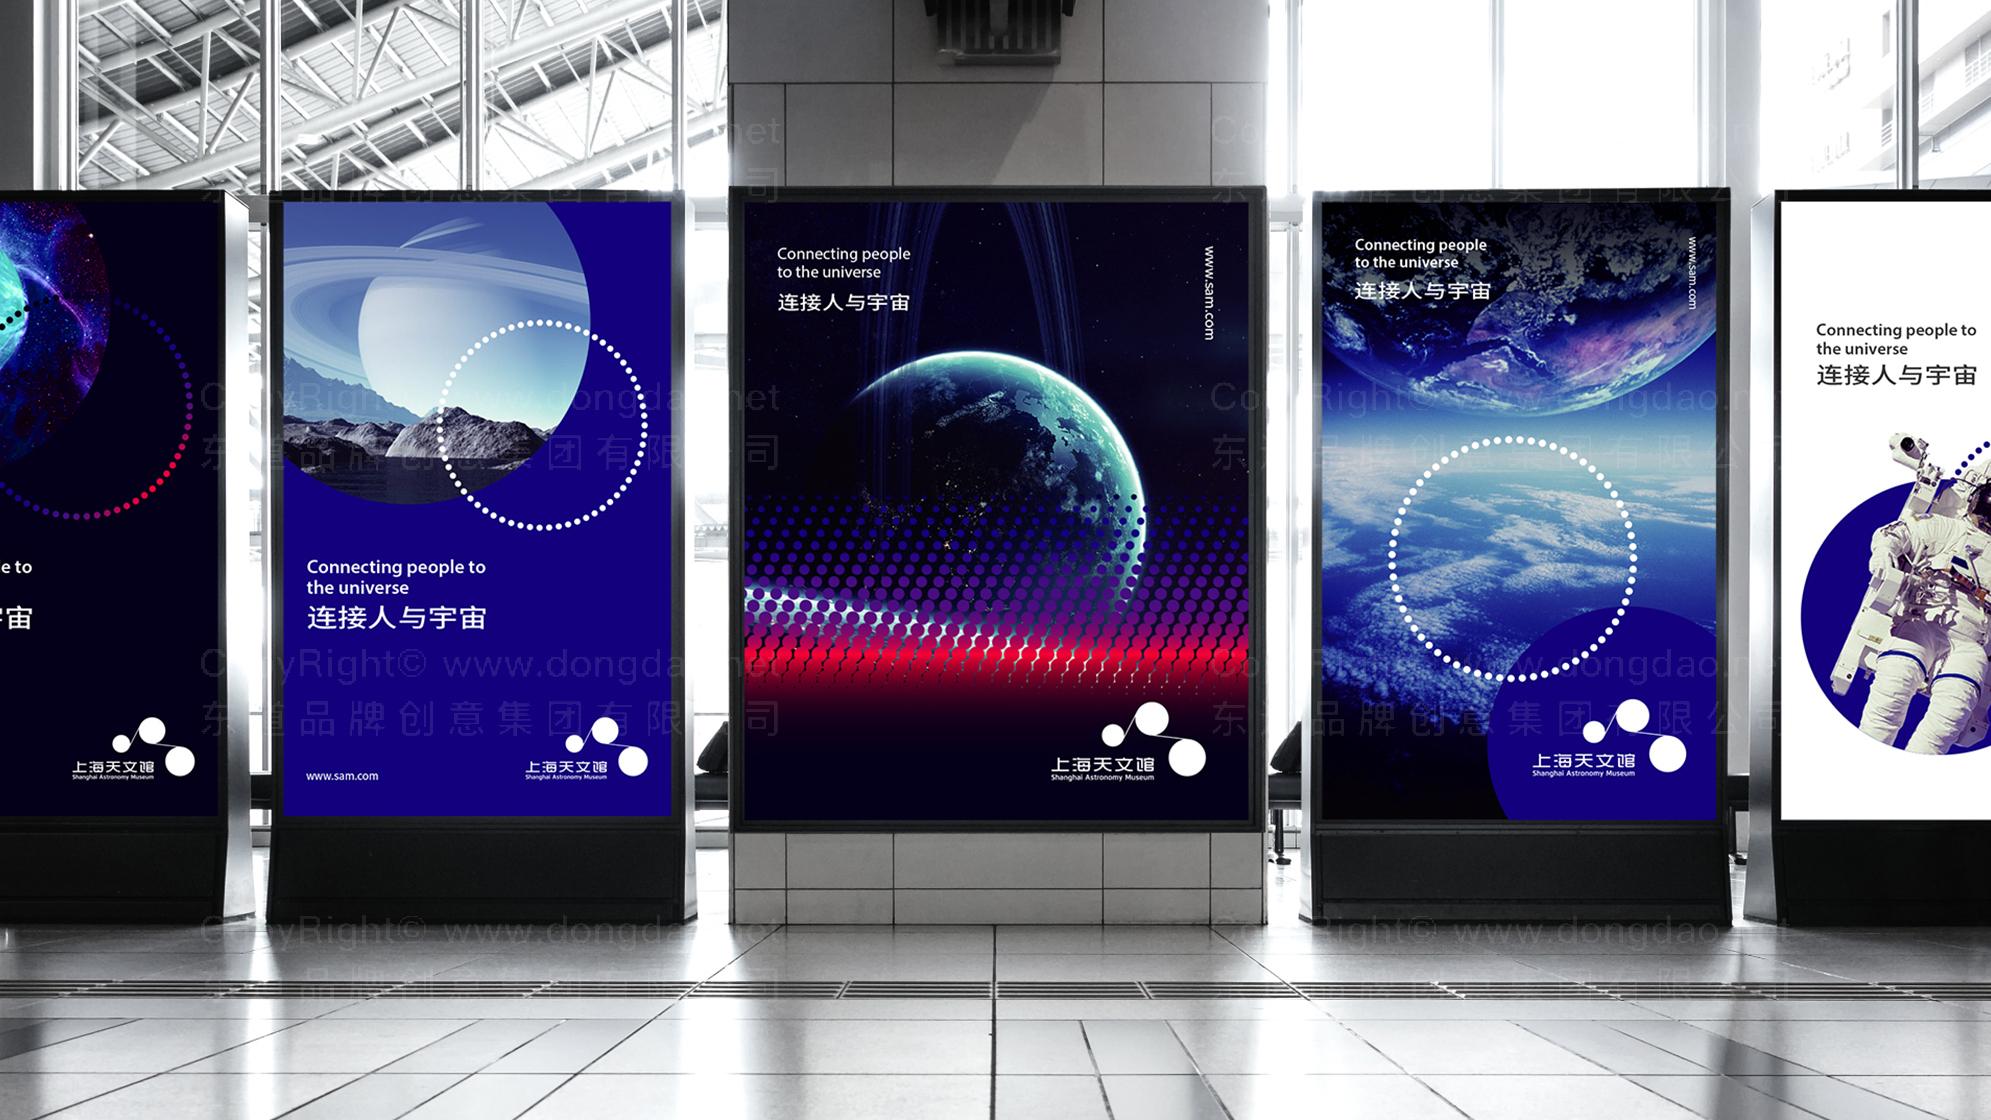 GD真人官网以至简至素添彩,上海天文馆视觉标志形神点睛